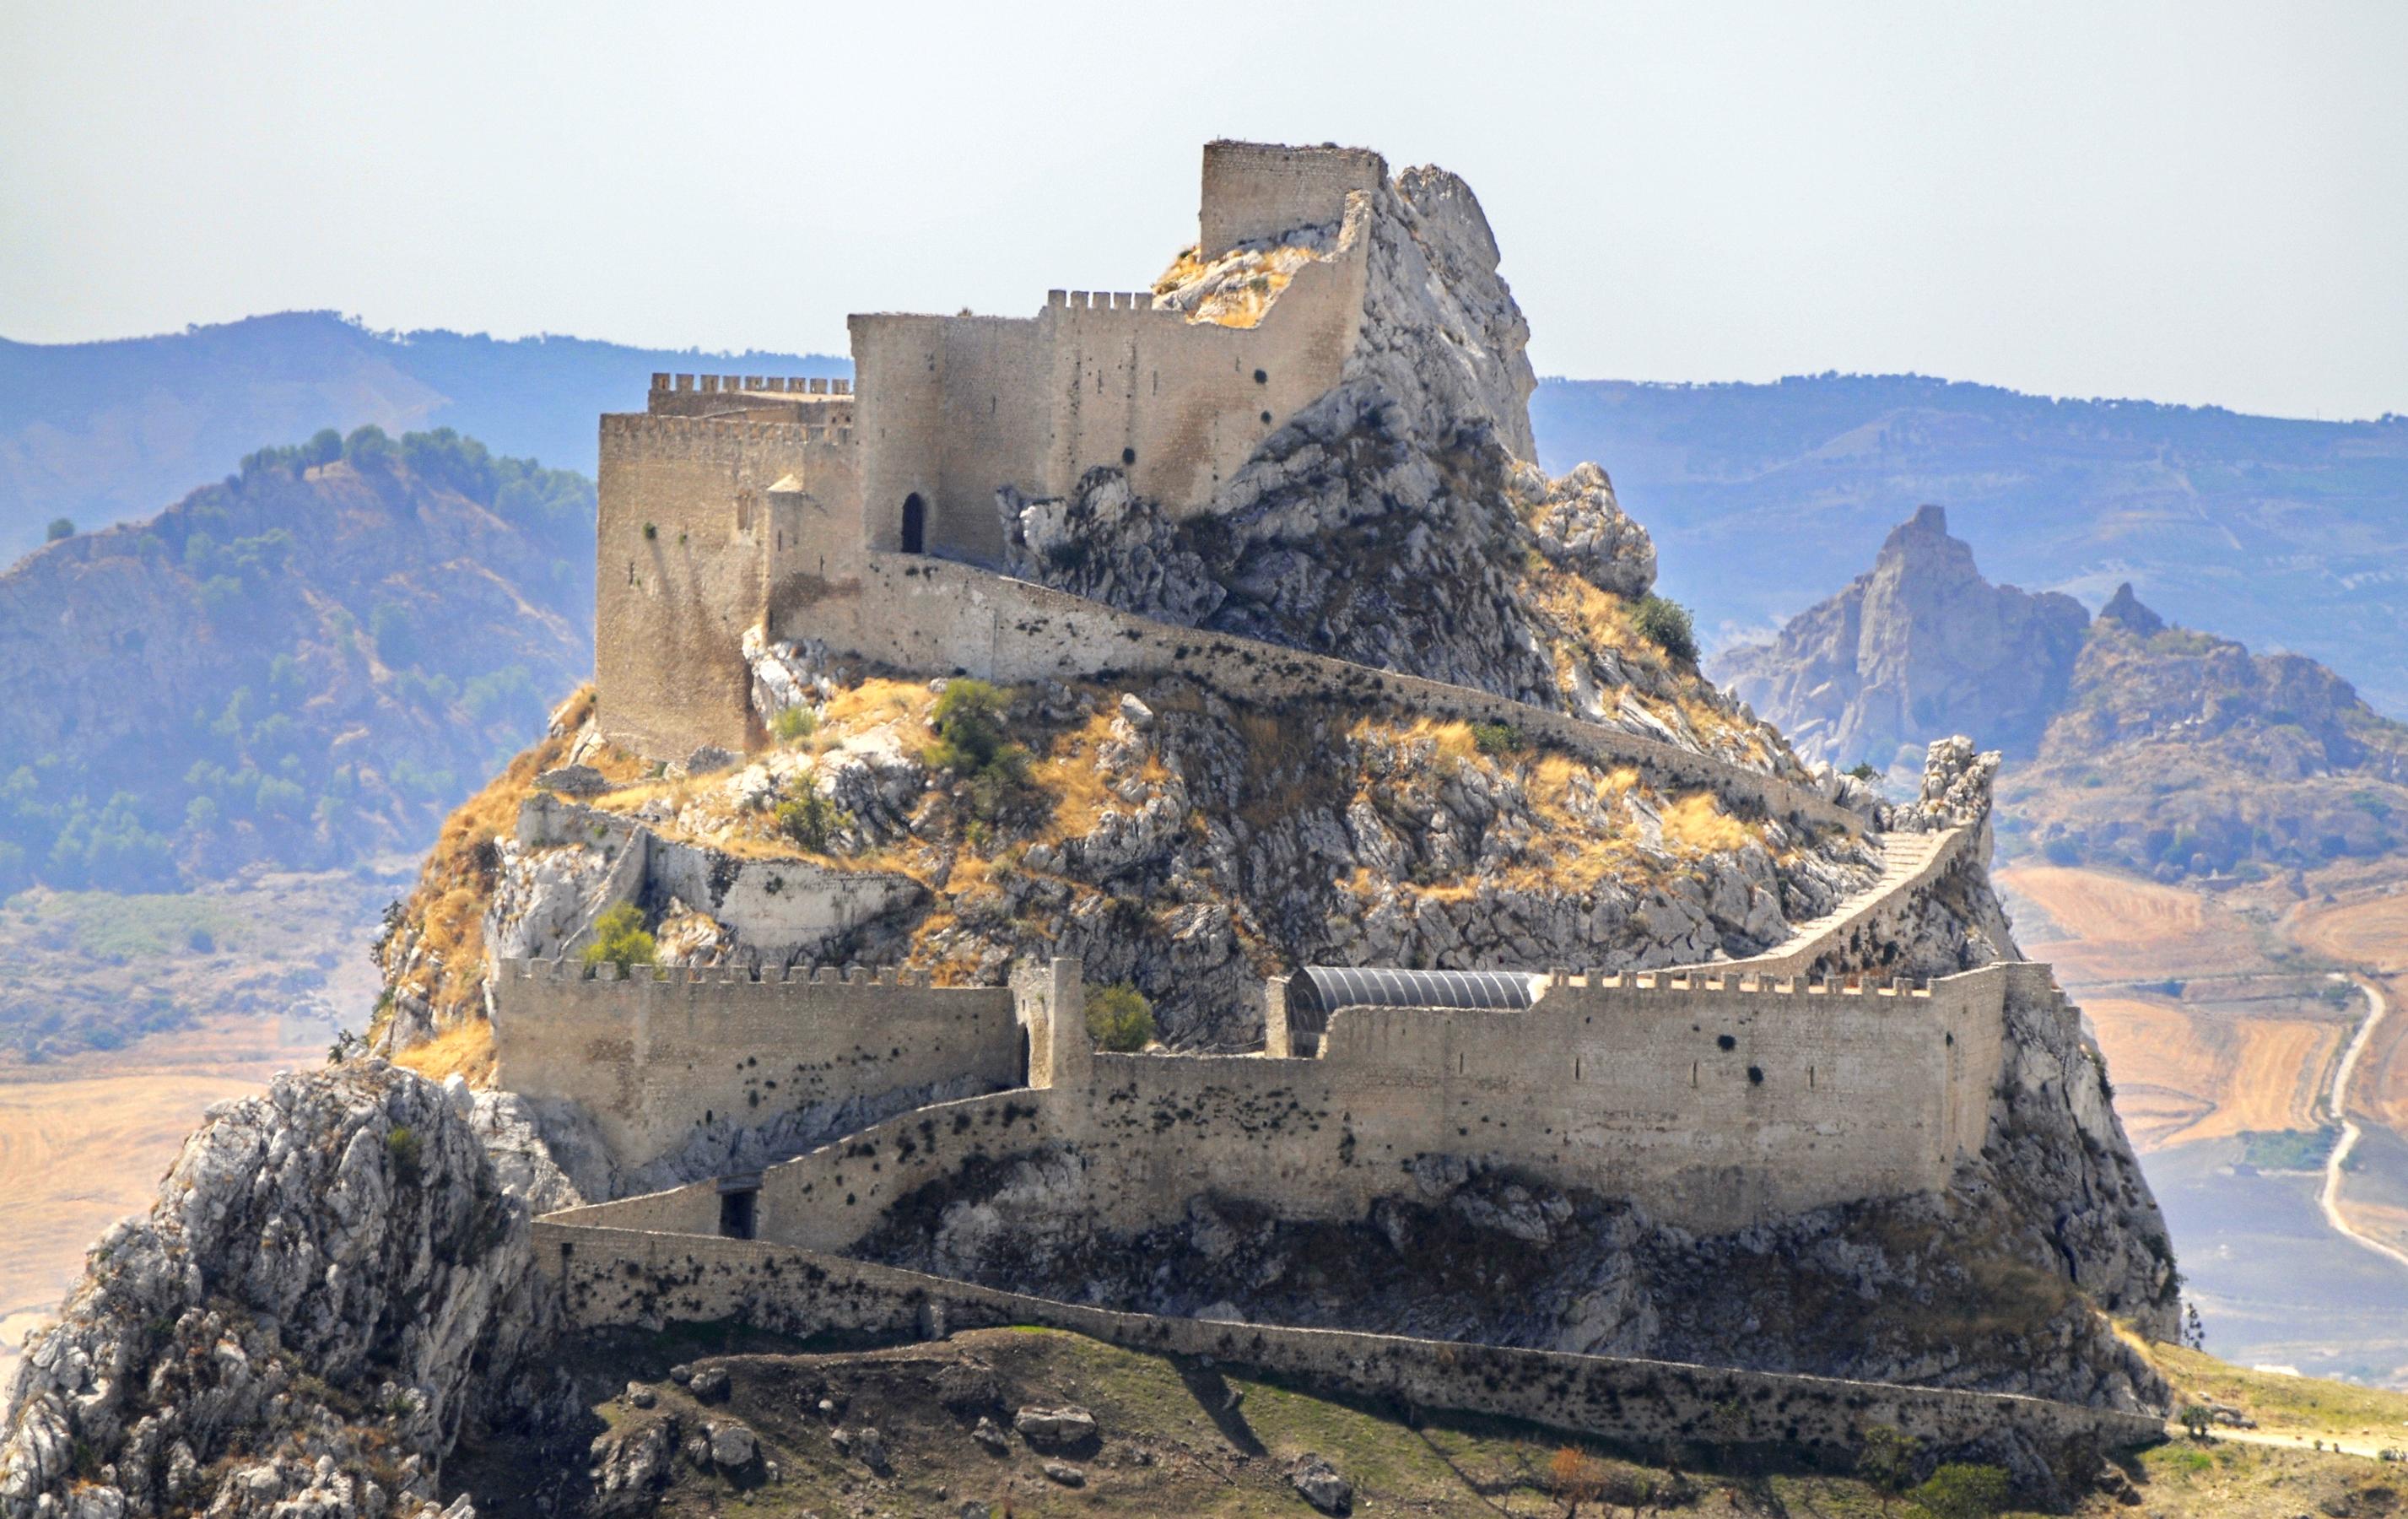 castelli in sicilia: castello di Mussomeli